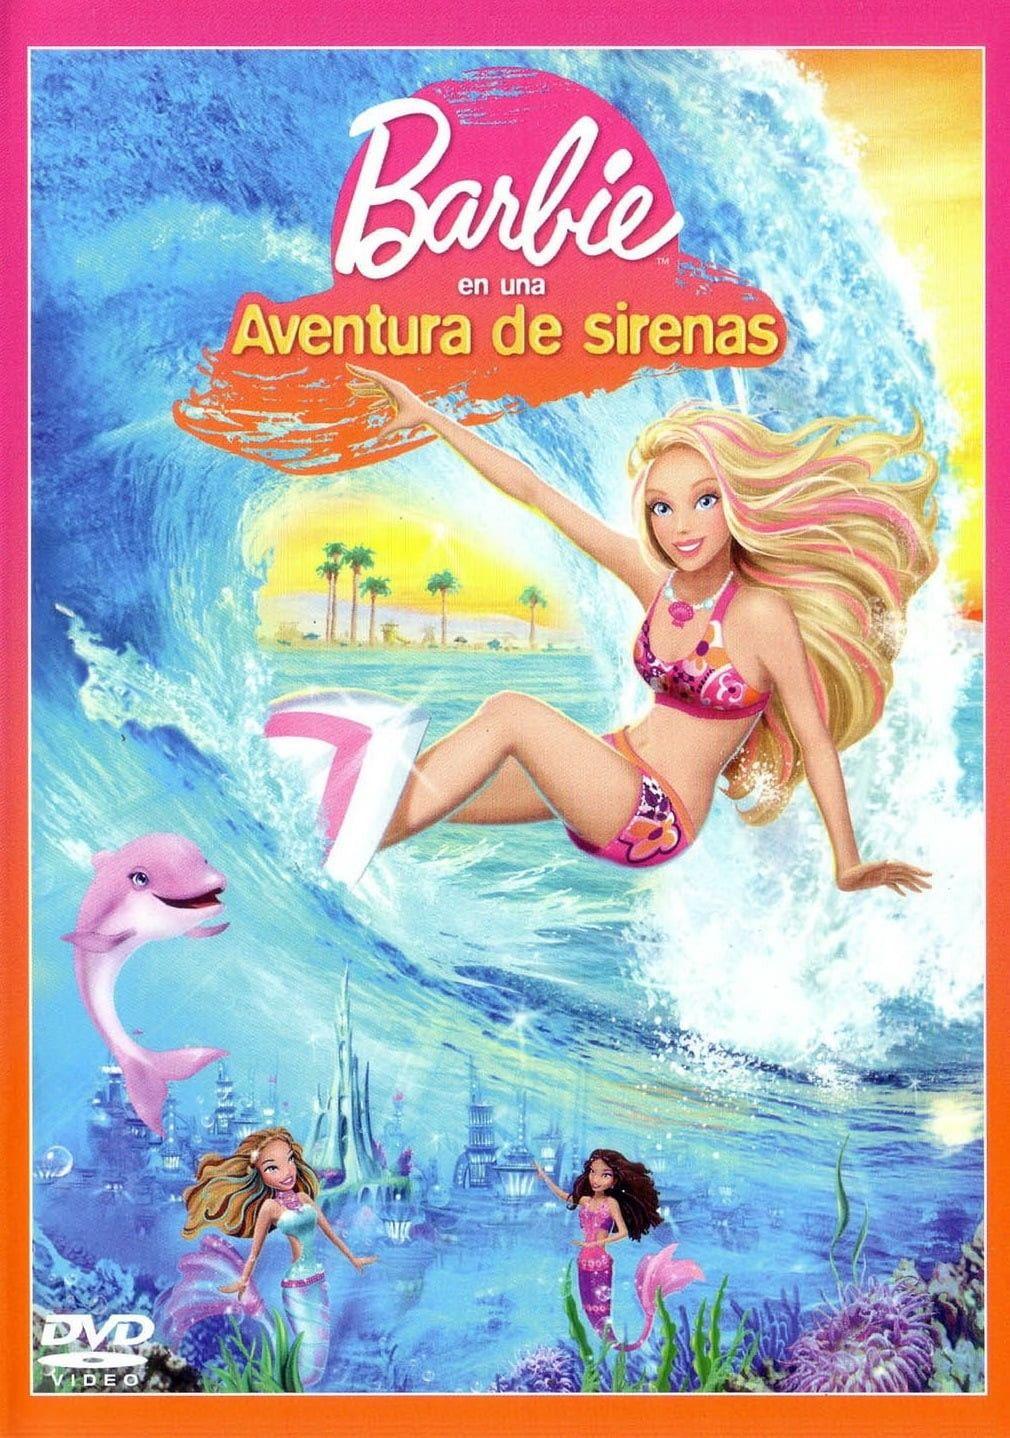 Pin De Daphne Delgado En Carteles De Películas Y Series La Sirenita Pelicula Películas De Barbie Películas De Princesas